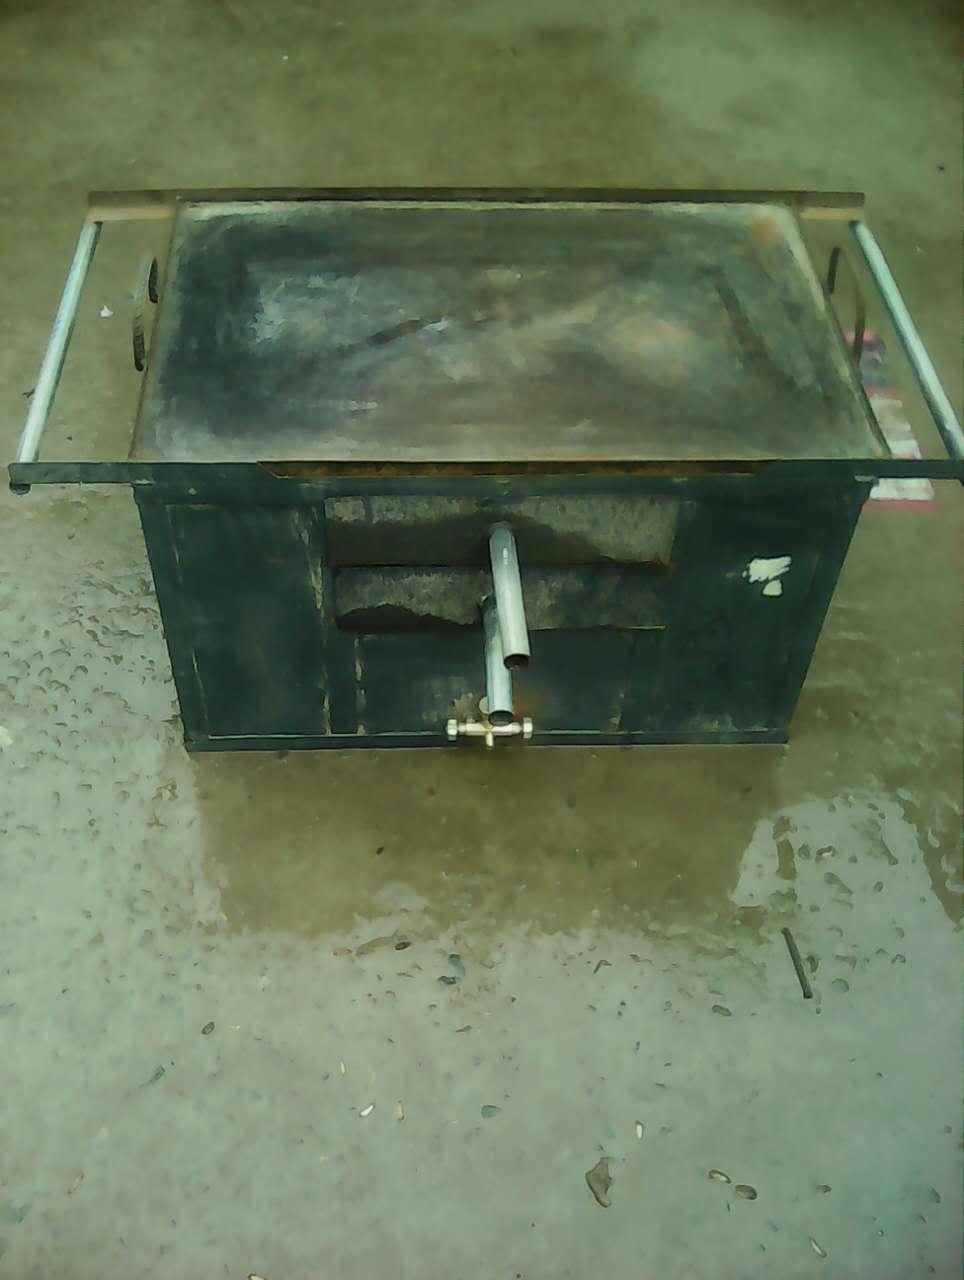 秦皇島油酥燒餅爐子-聲譽好的油酥燒餅爐子供應商-當選何師傅小吃培訓